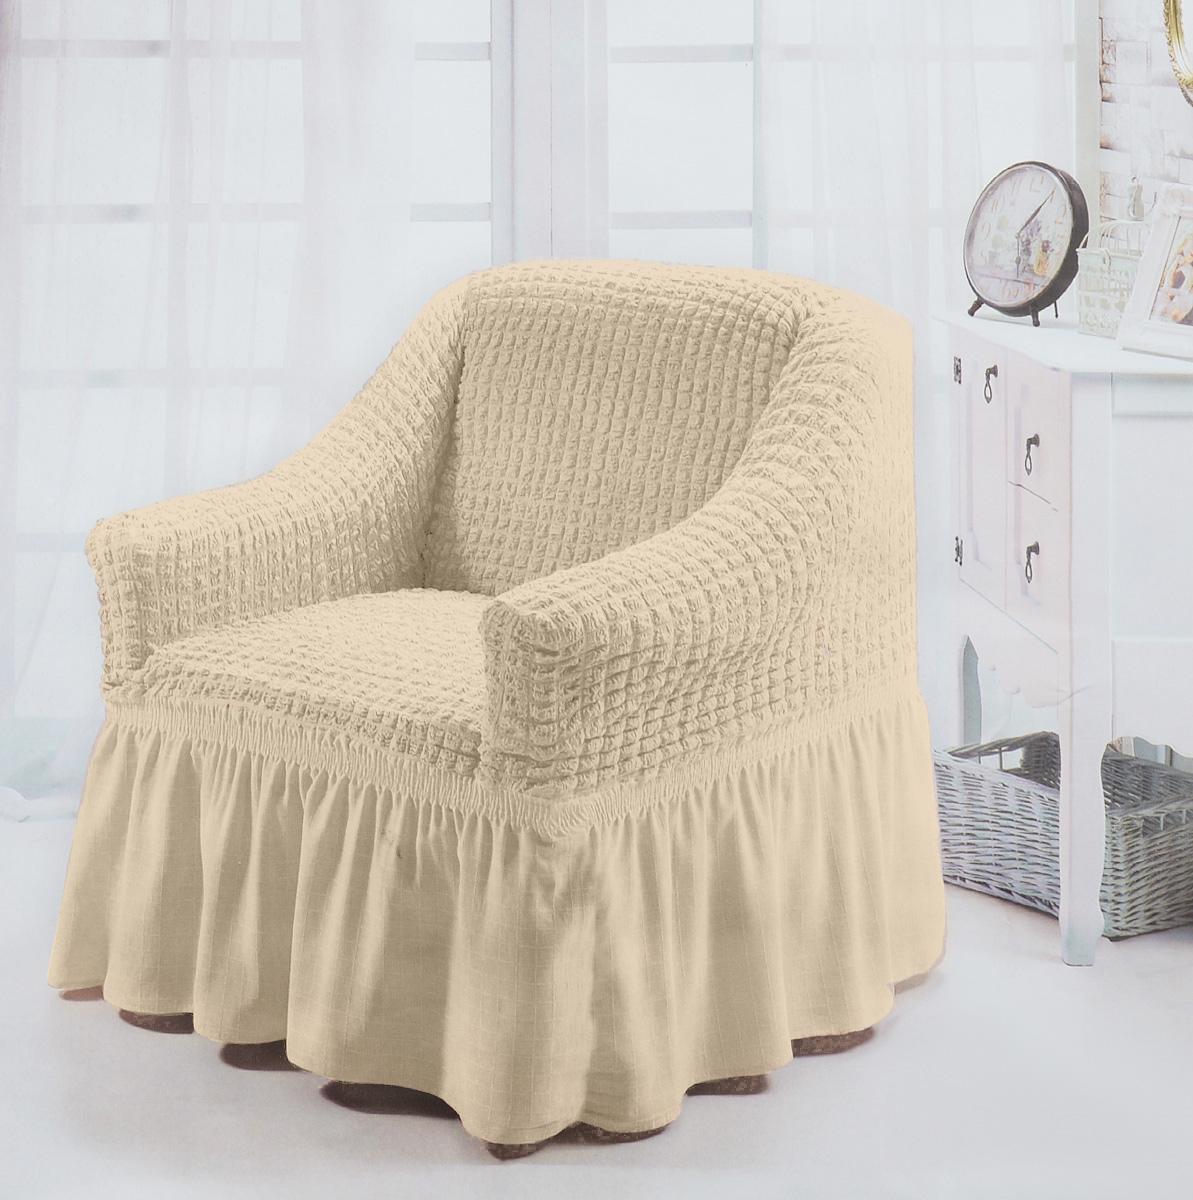 Чехол для кресла Burumcuk Bulsan, цвет: молочный1797/CHAR011Чехол на кресло Burumcuk Bulsan выполнен из высококачественного полиэстера и хлопка с красивым рельефом. Предназначен для кресла стандартного размера со спинкой высотой в 140 см. Такой чехол изысканно дополнит интерьер вашего дома. Изделие оснащено закрывающей оборкой. Ширина и глубина посадочного места: 70-80 см. Высота спинки от сиденья: 70-80 см. Высота подлокотников: 35-45 см. Ширина подлокотников: 25-35 см. Длина оборки: 35 см.